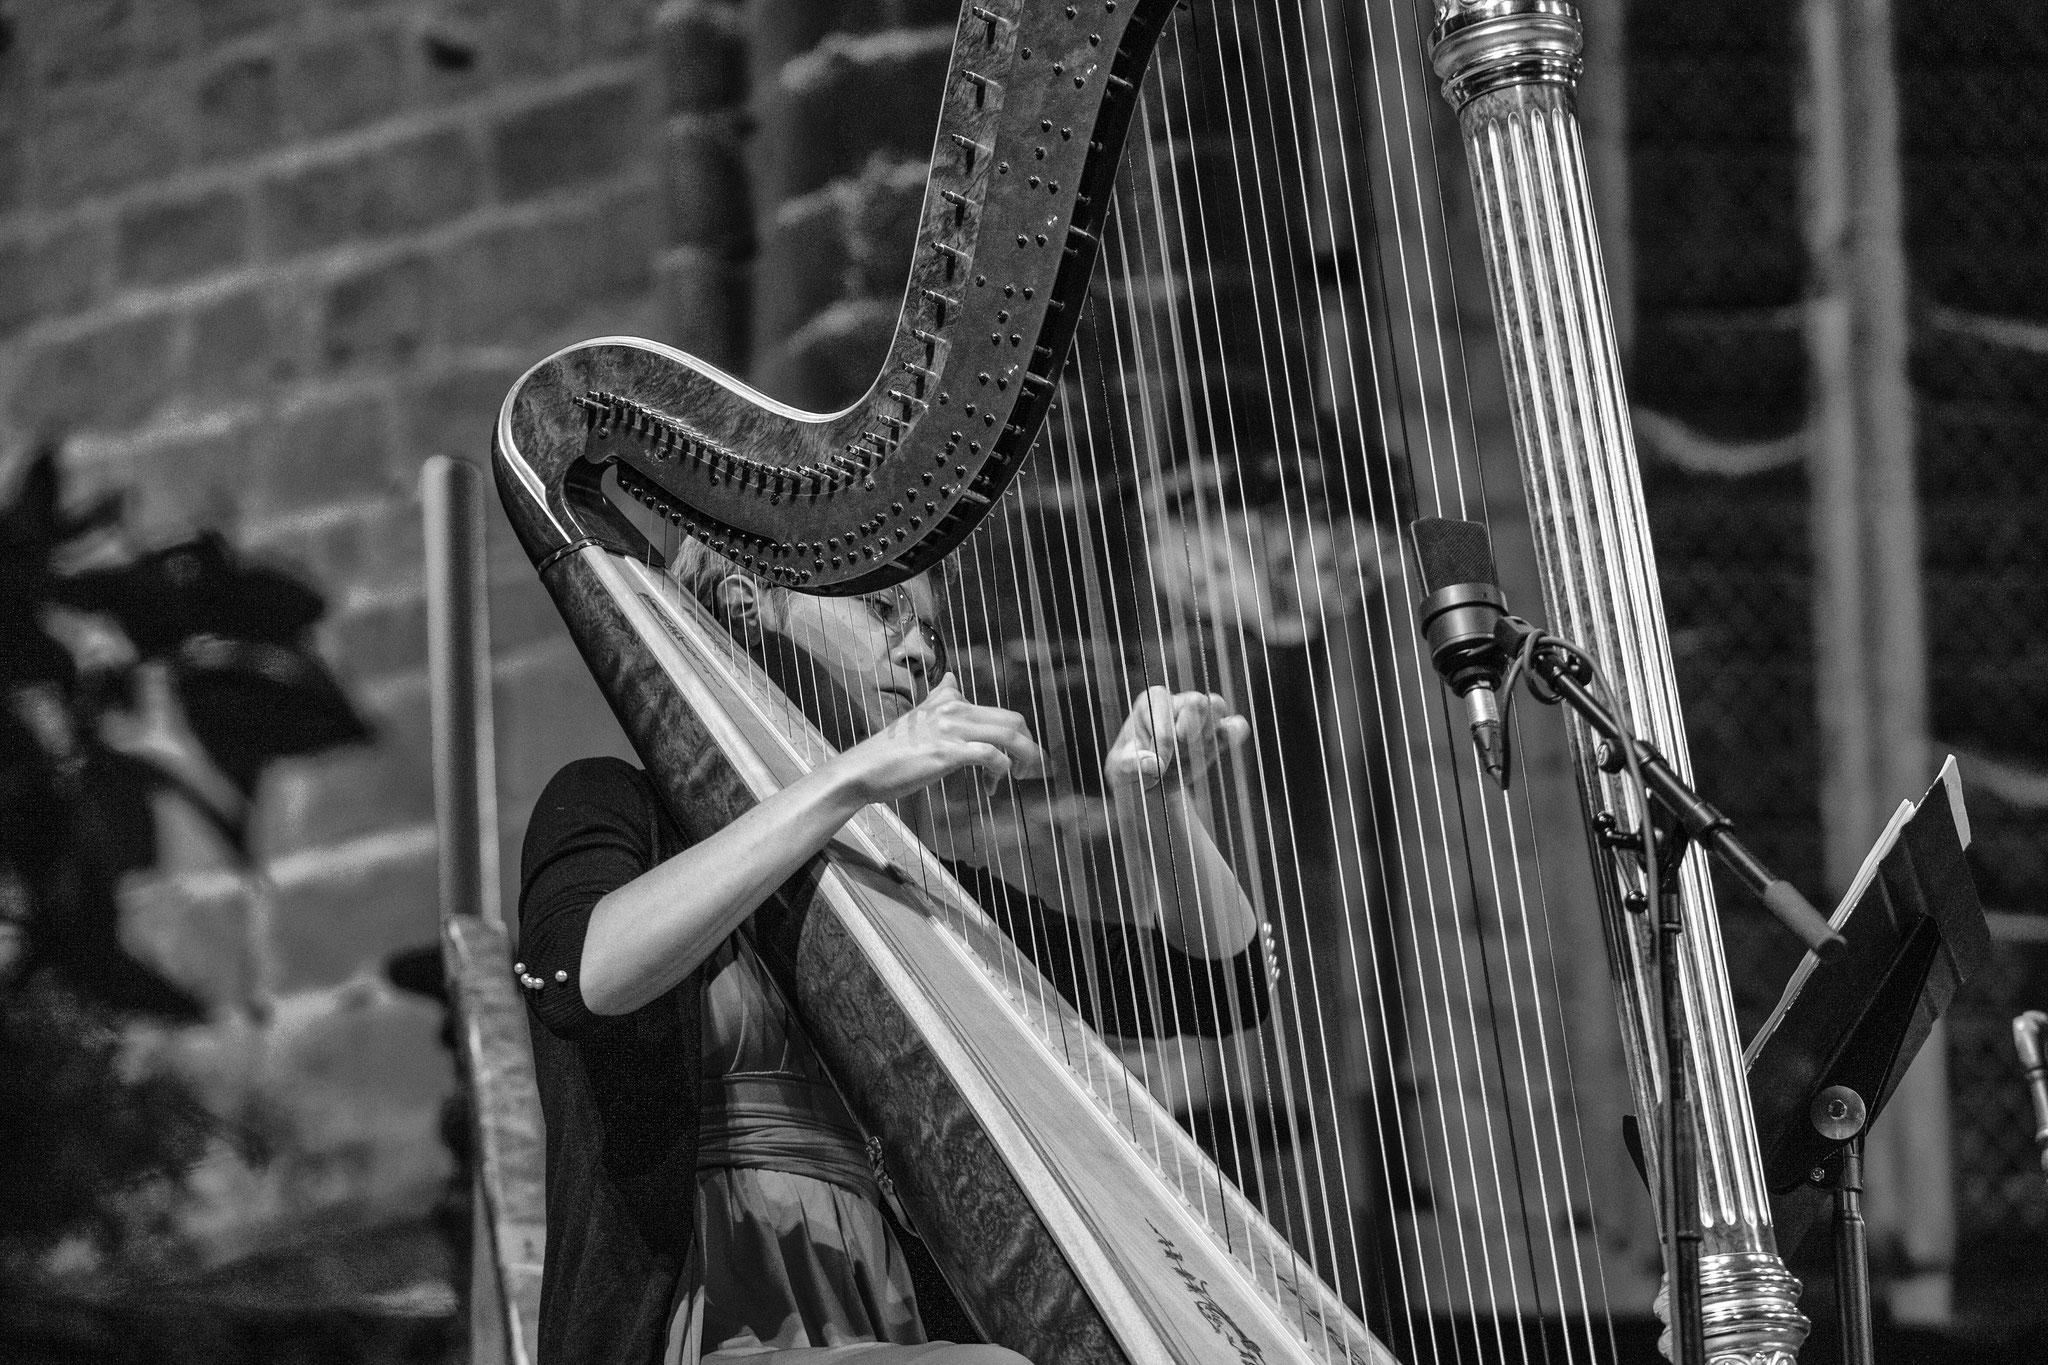 Festival de la Chaise-Dieu. Orchestre d'Auvergne, direction Roberto Forès Veses. © Vincent Jolfre